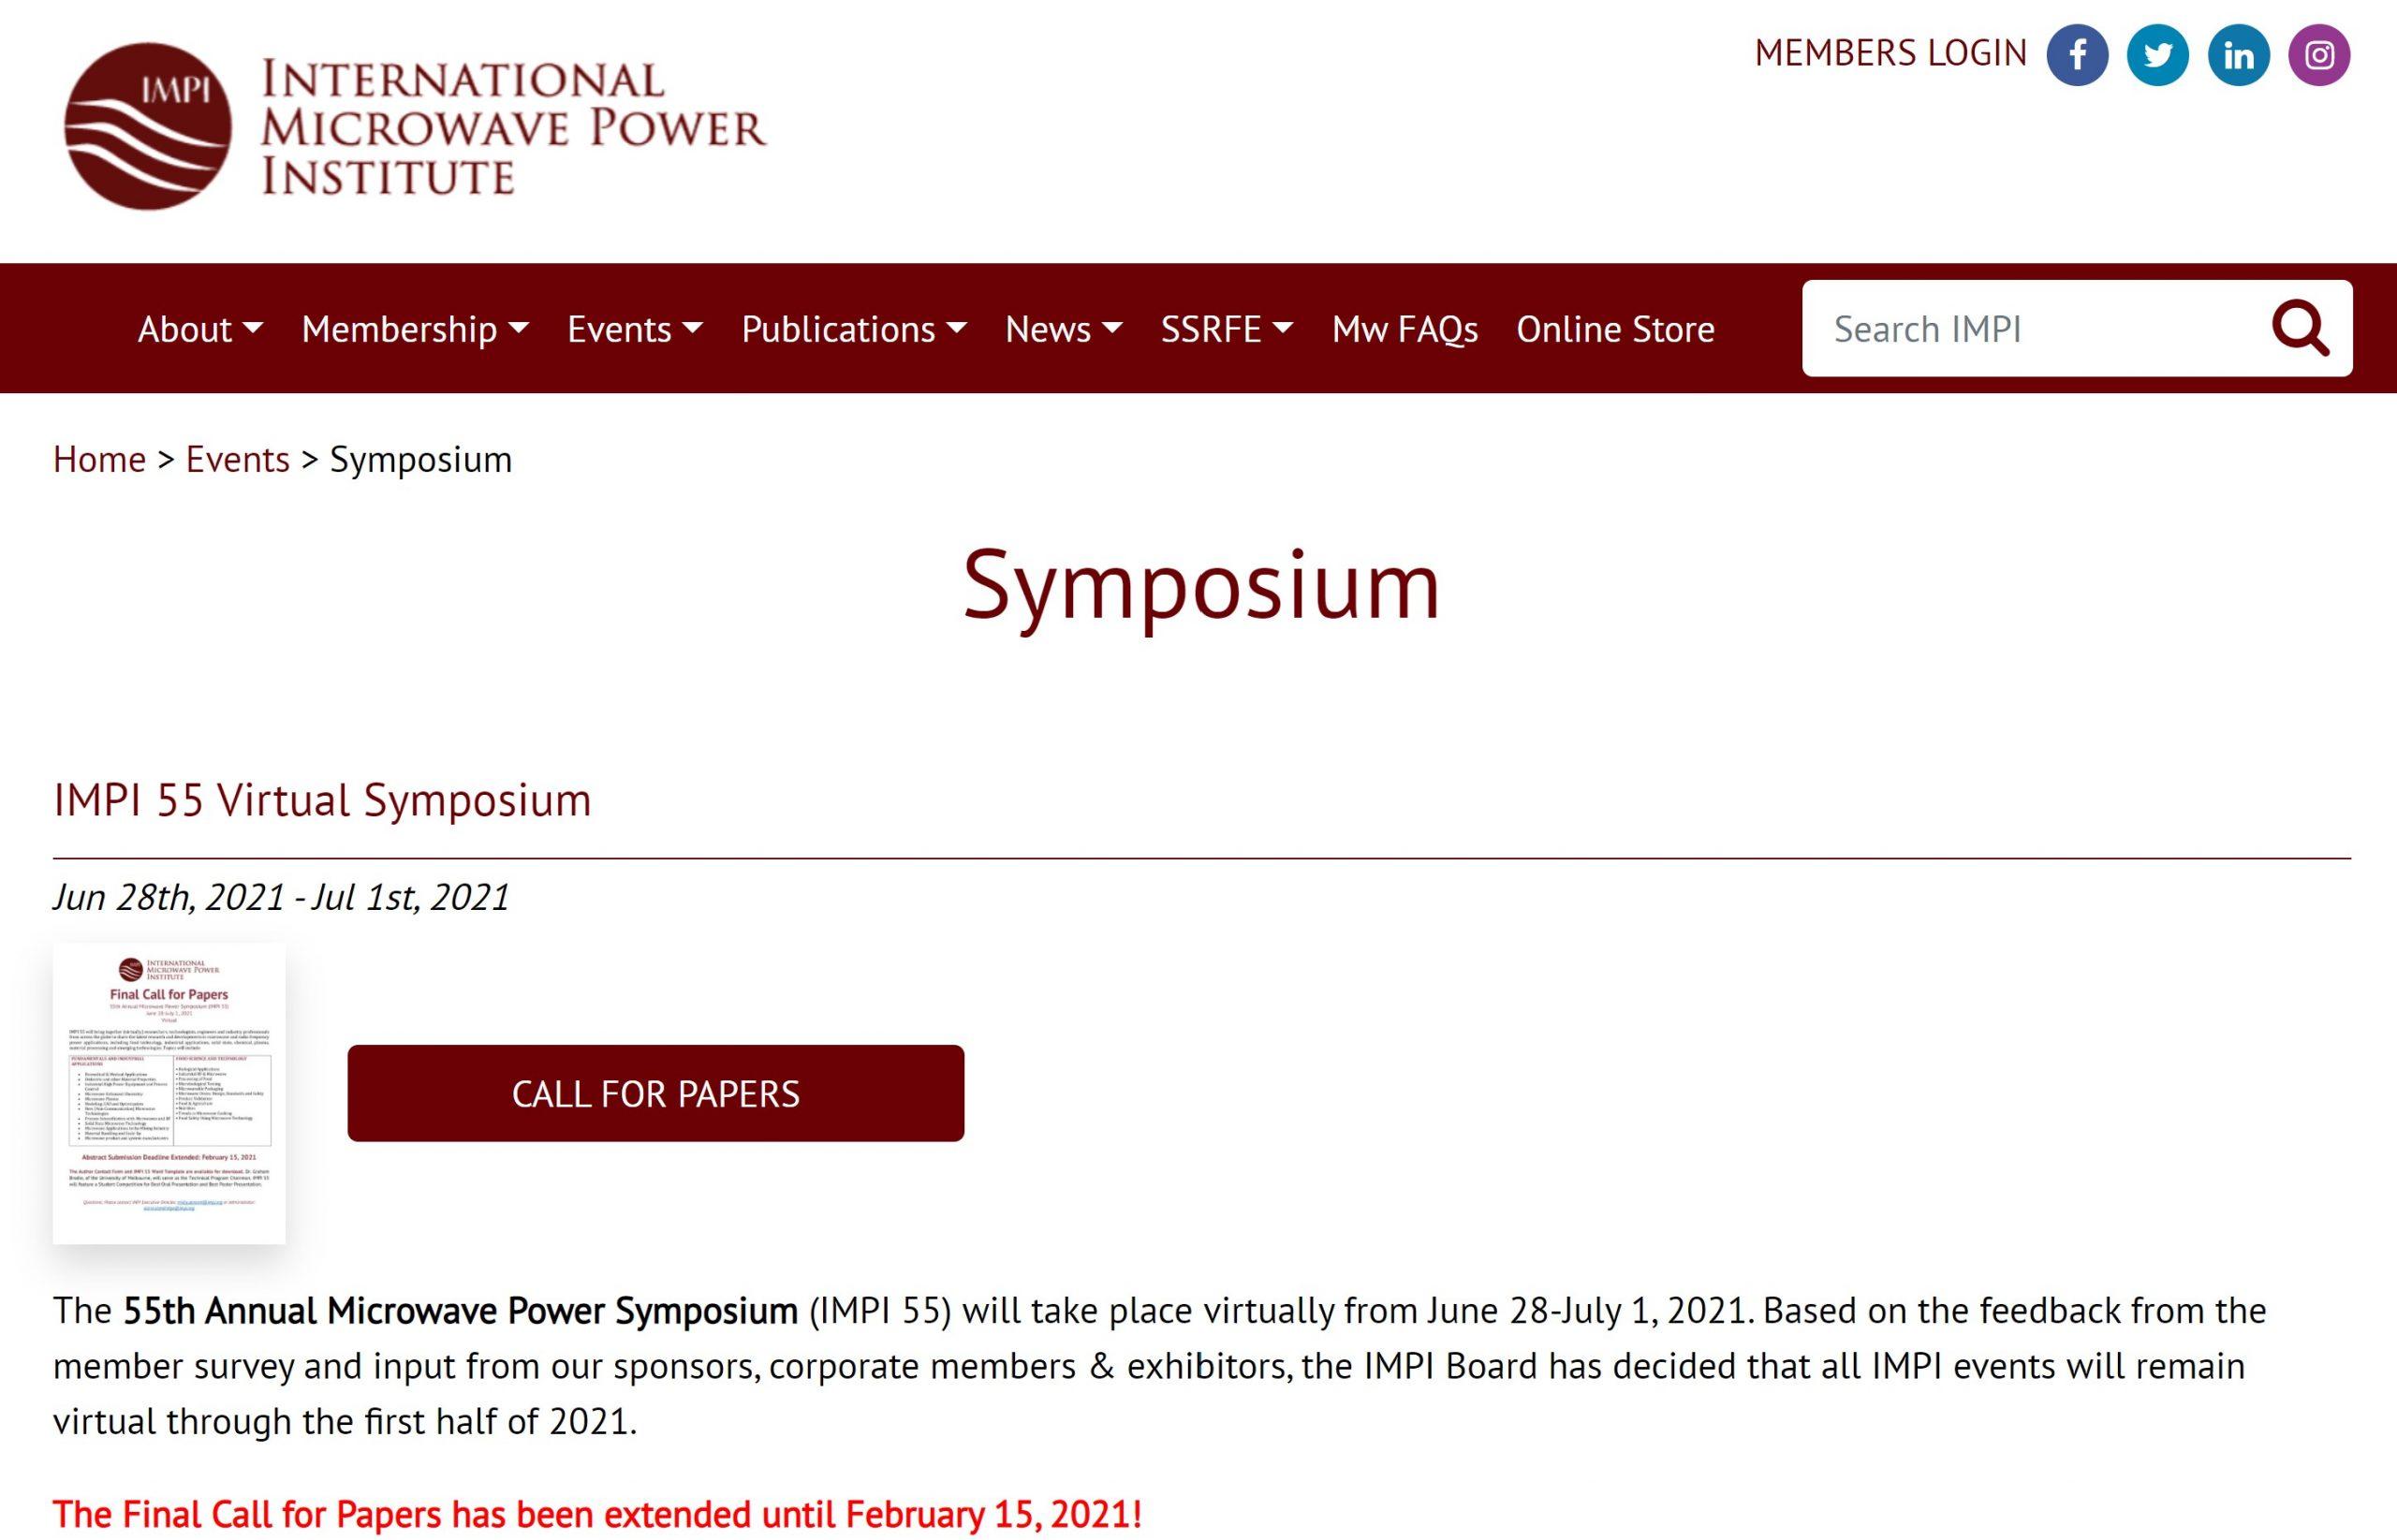 IMPI Symposium